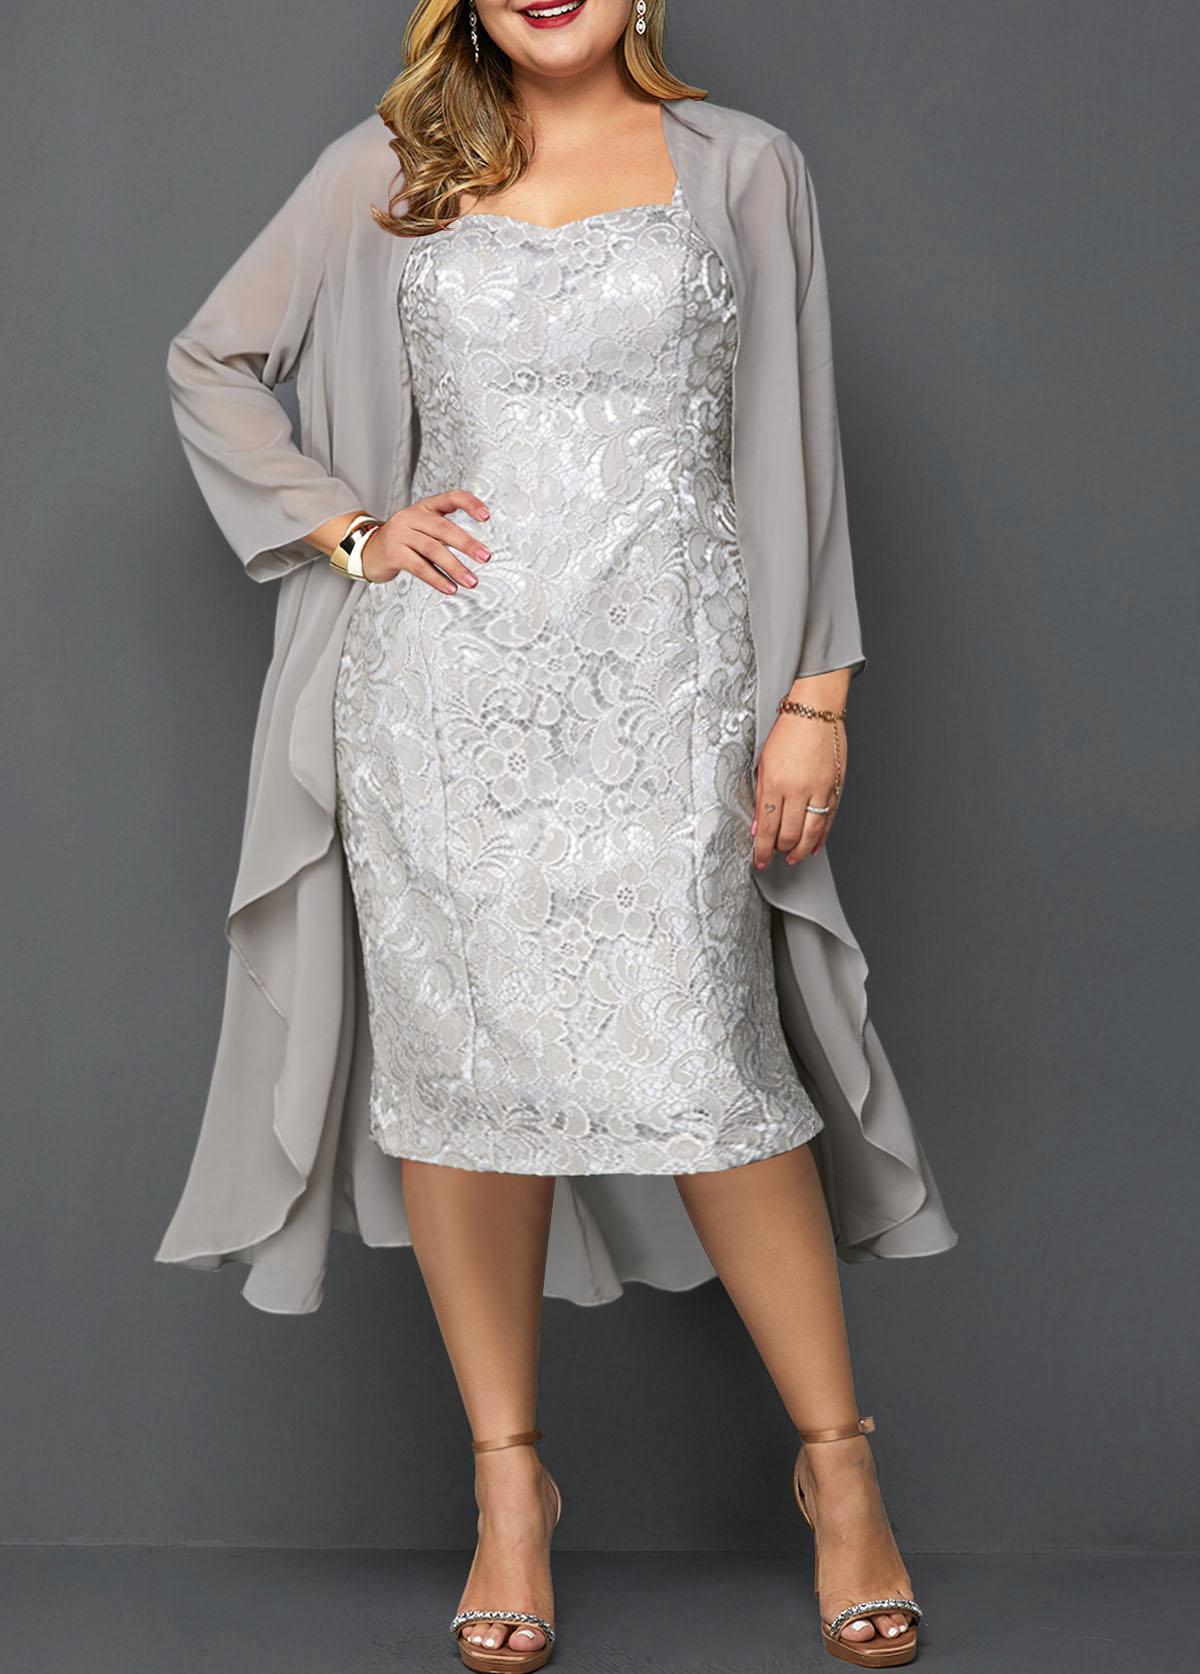 Plus Size Chiffon Cardigan and Lace Dress